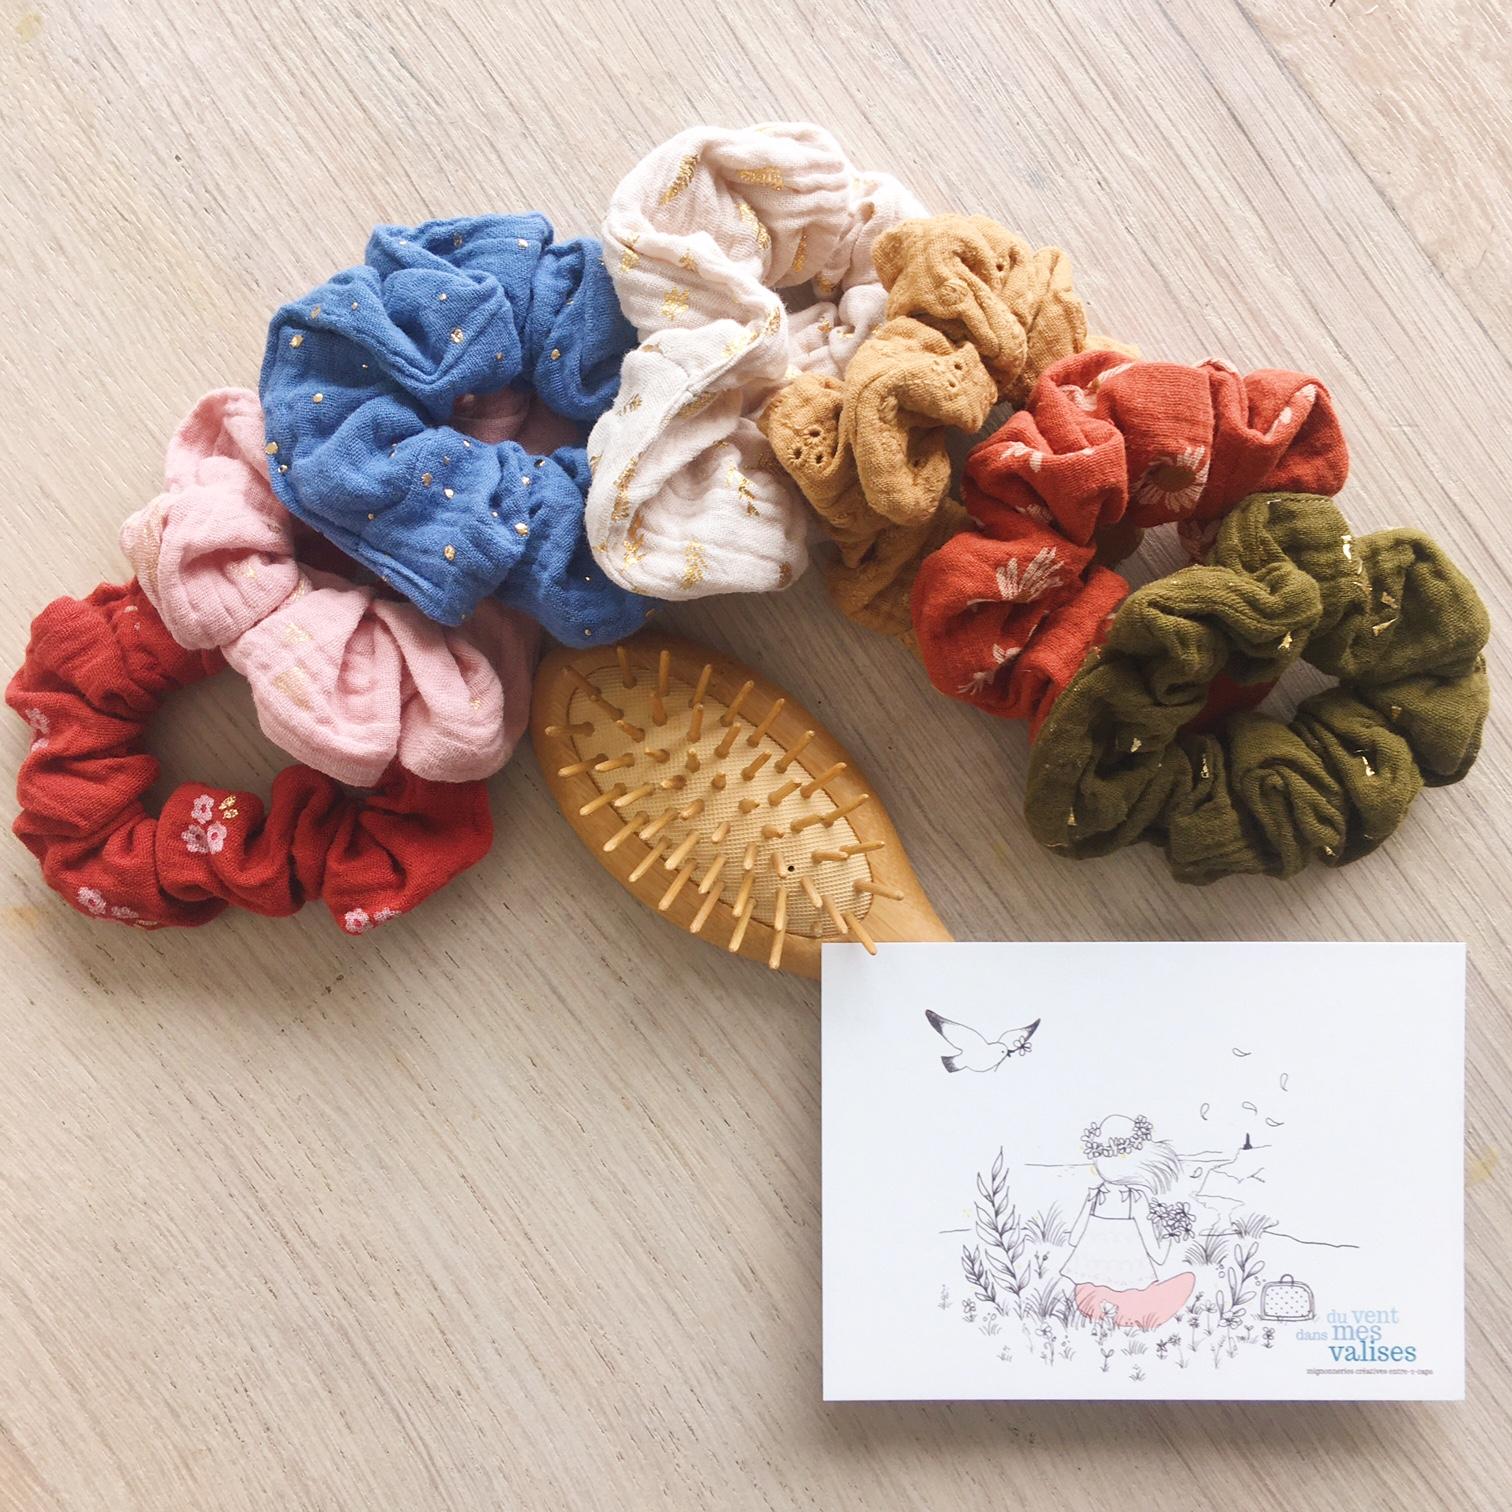 chouchous chics femmes fabrication artisanale française en double gaze de coton - du vent dans mes valises